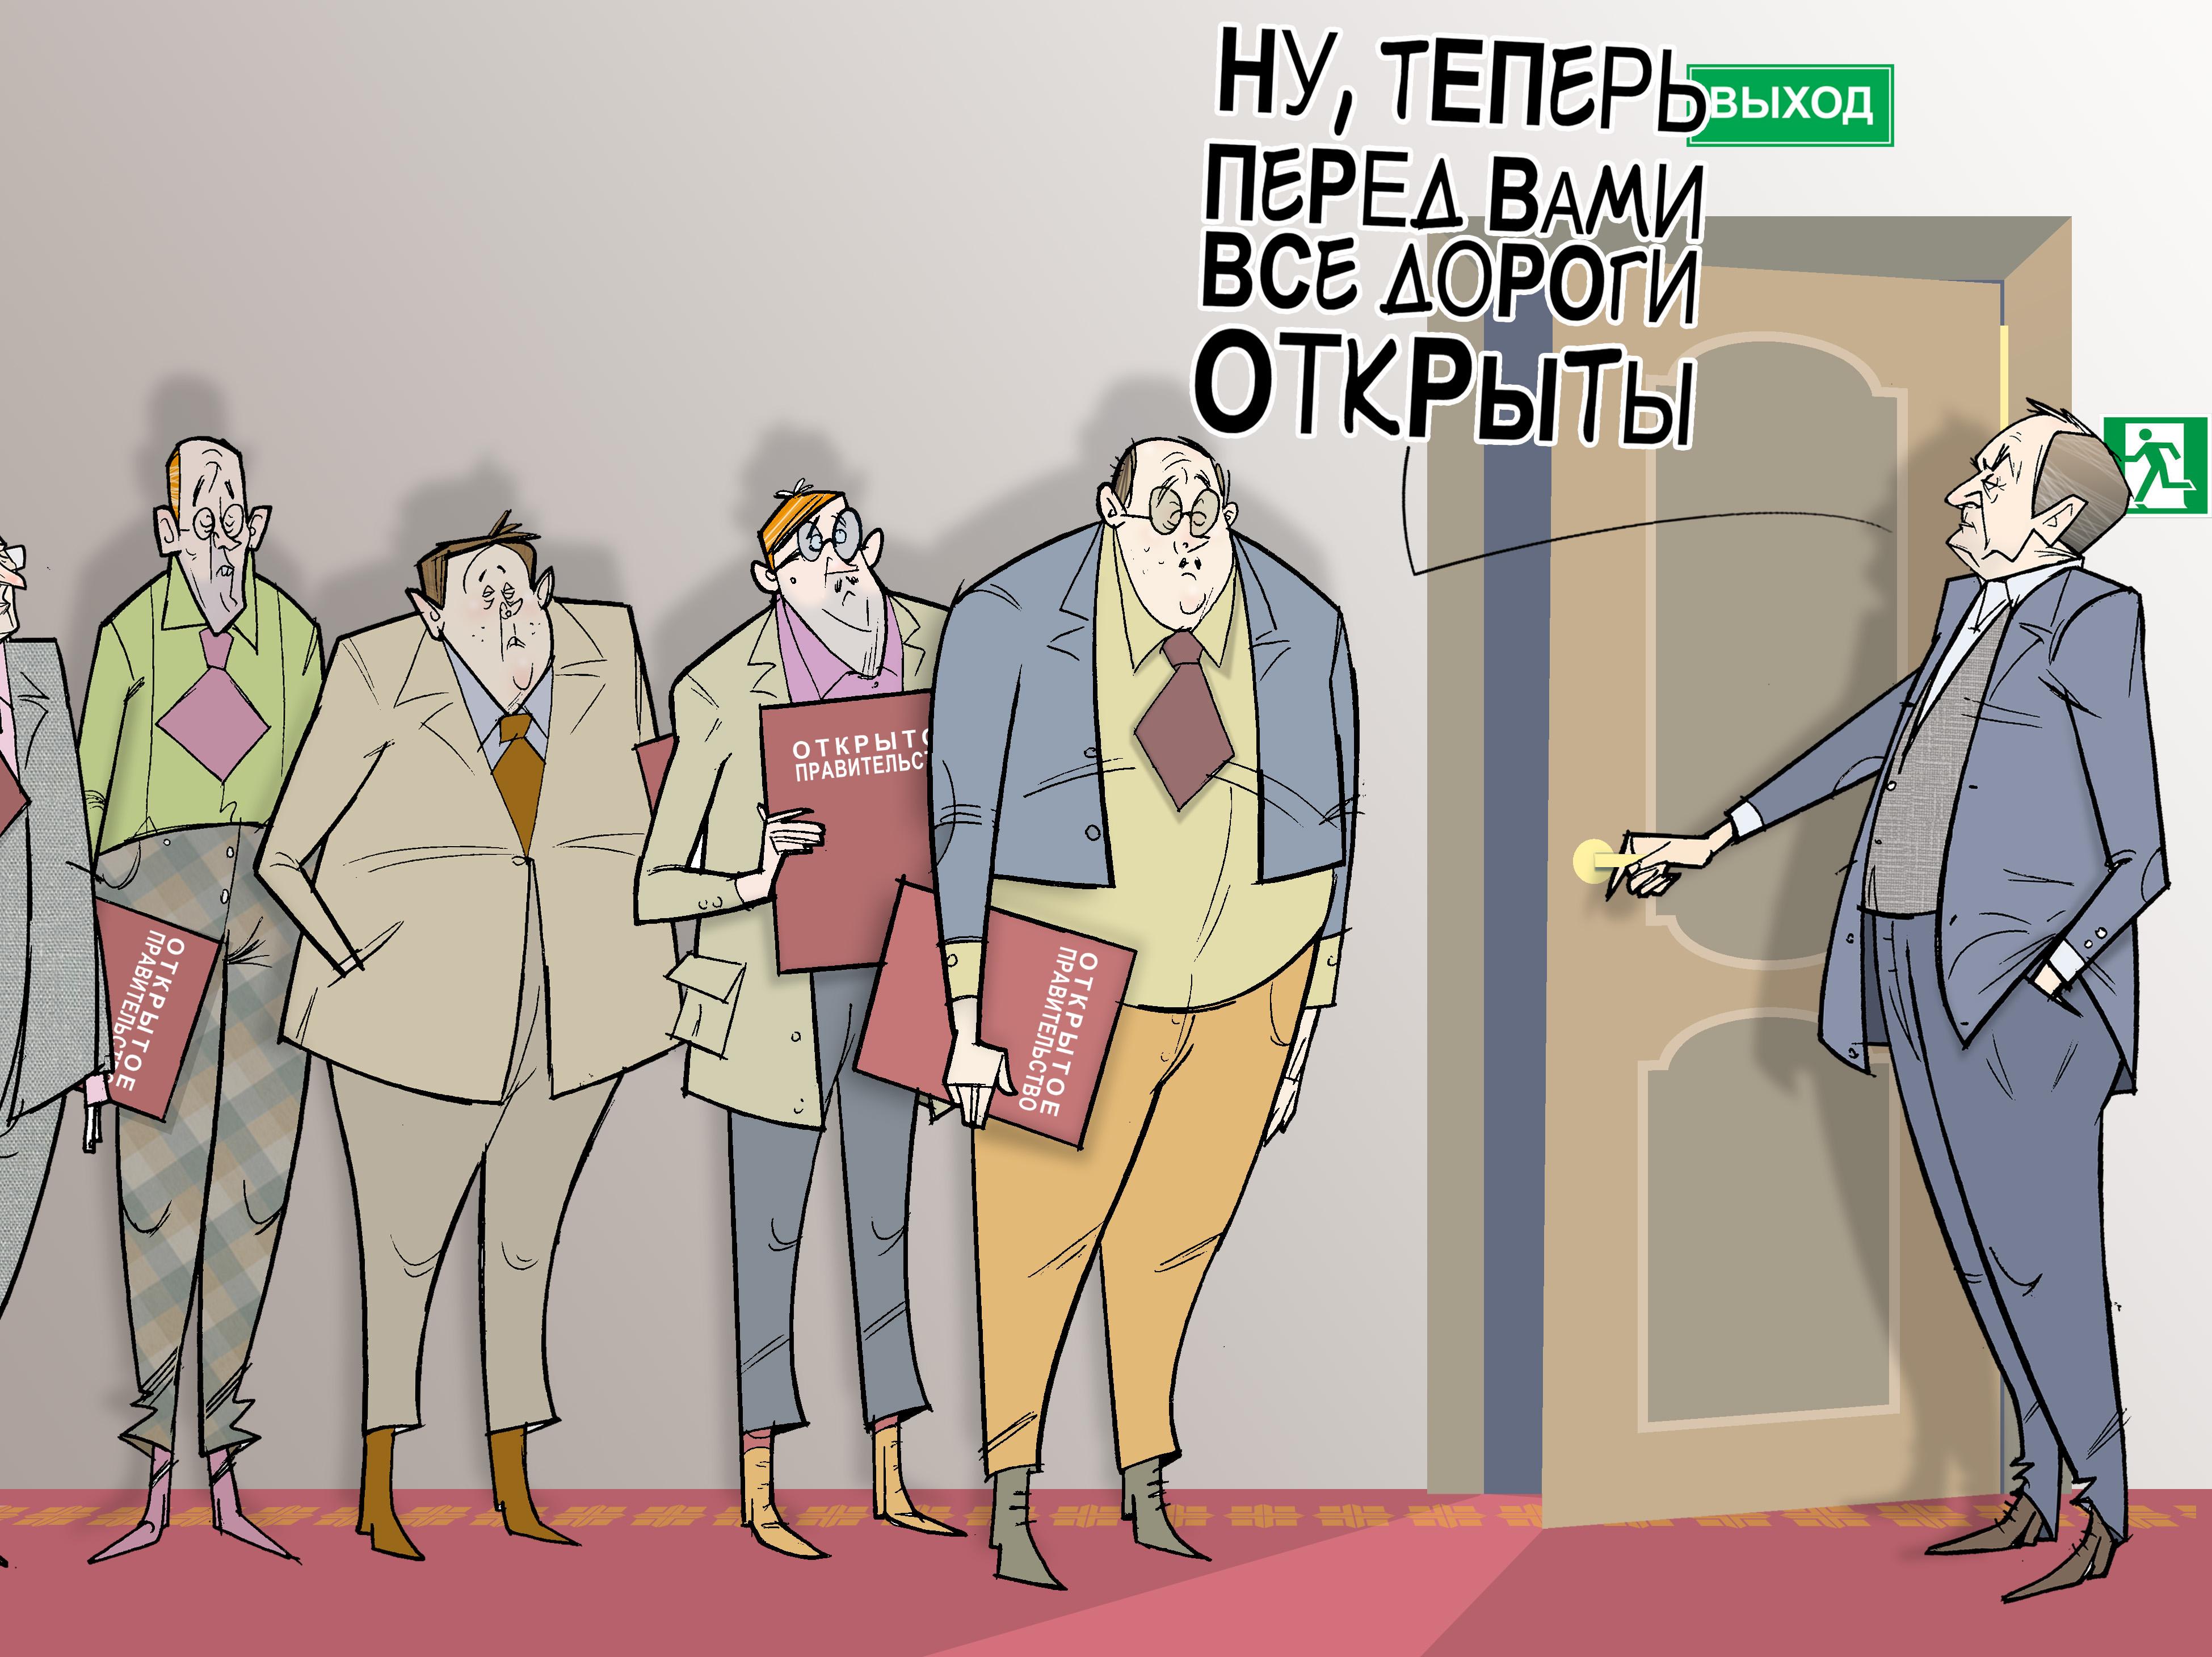 """Все дороги открыты. #ОткрытоеПравительство #Удмуртия #ГлаваУР #Соловьёв © Газета """"День"""" 2014"""